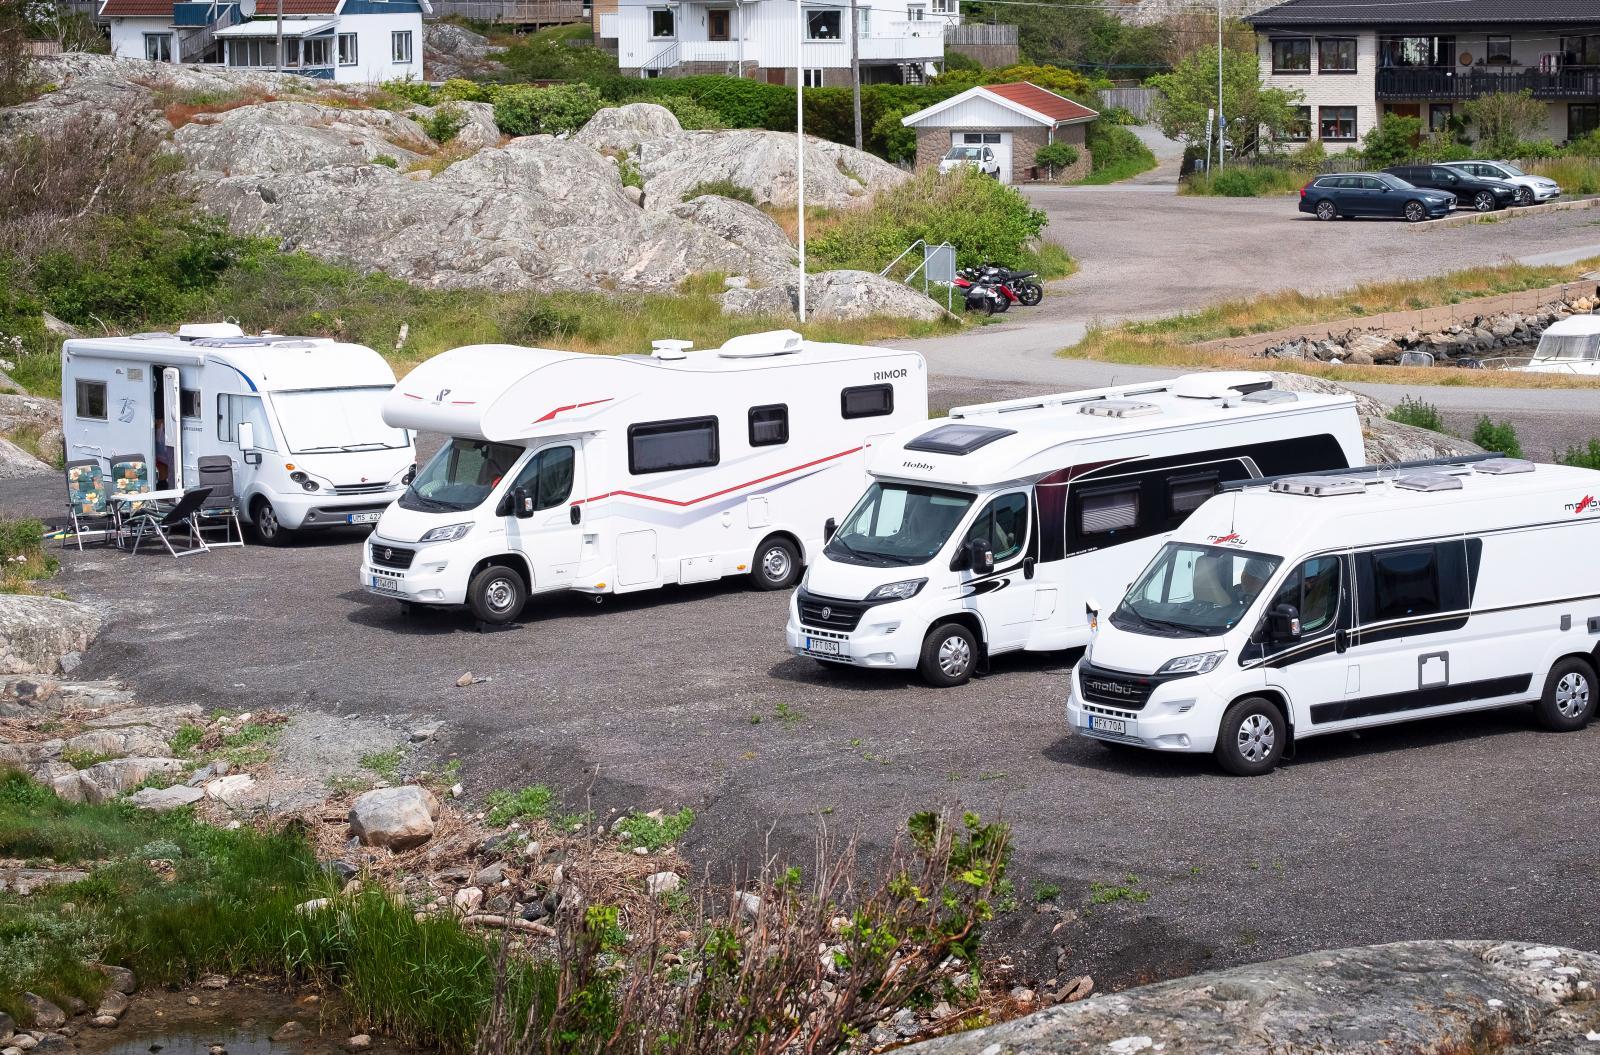 En bit ifrån Hönö Klåva ligger Fotö och där finns en lite mindre ställplats som ligger fint i gästhamnen, klippor runt hörnet!